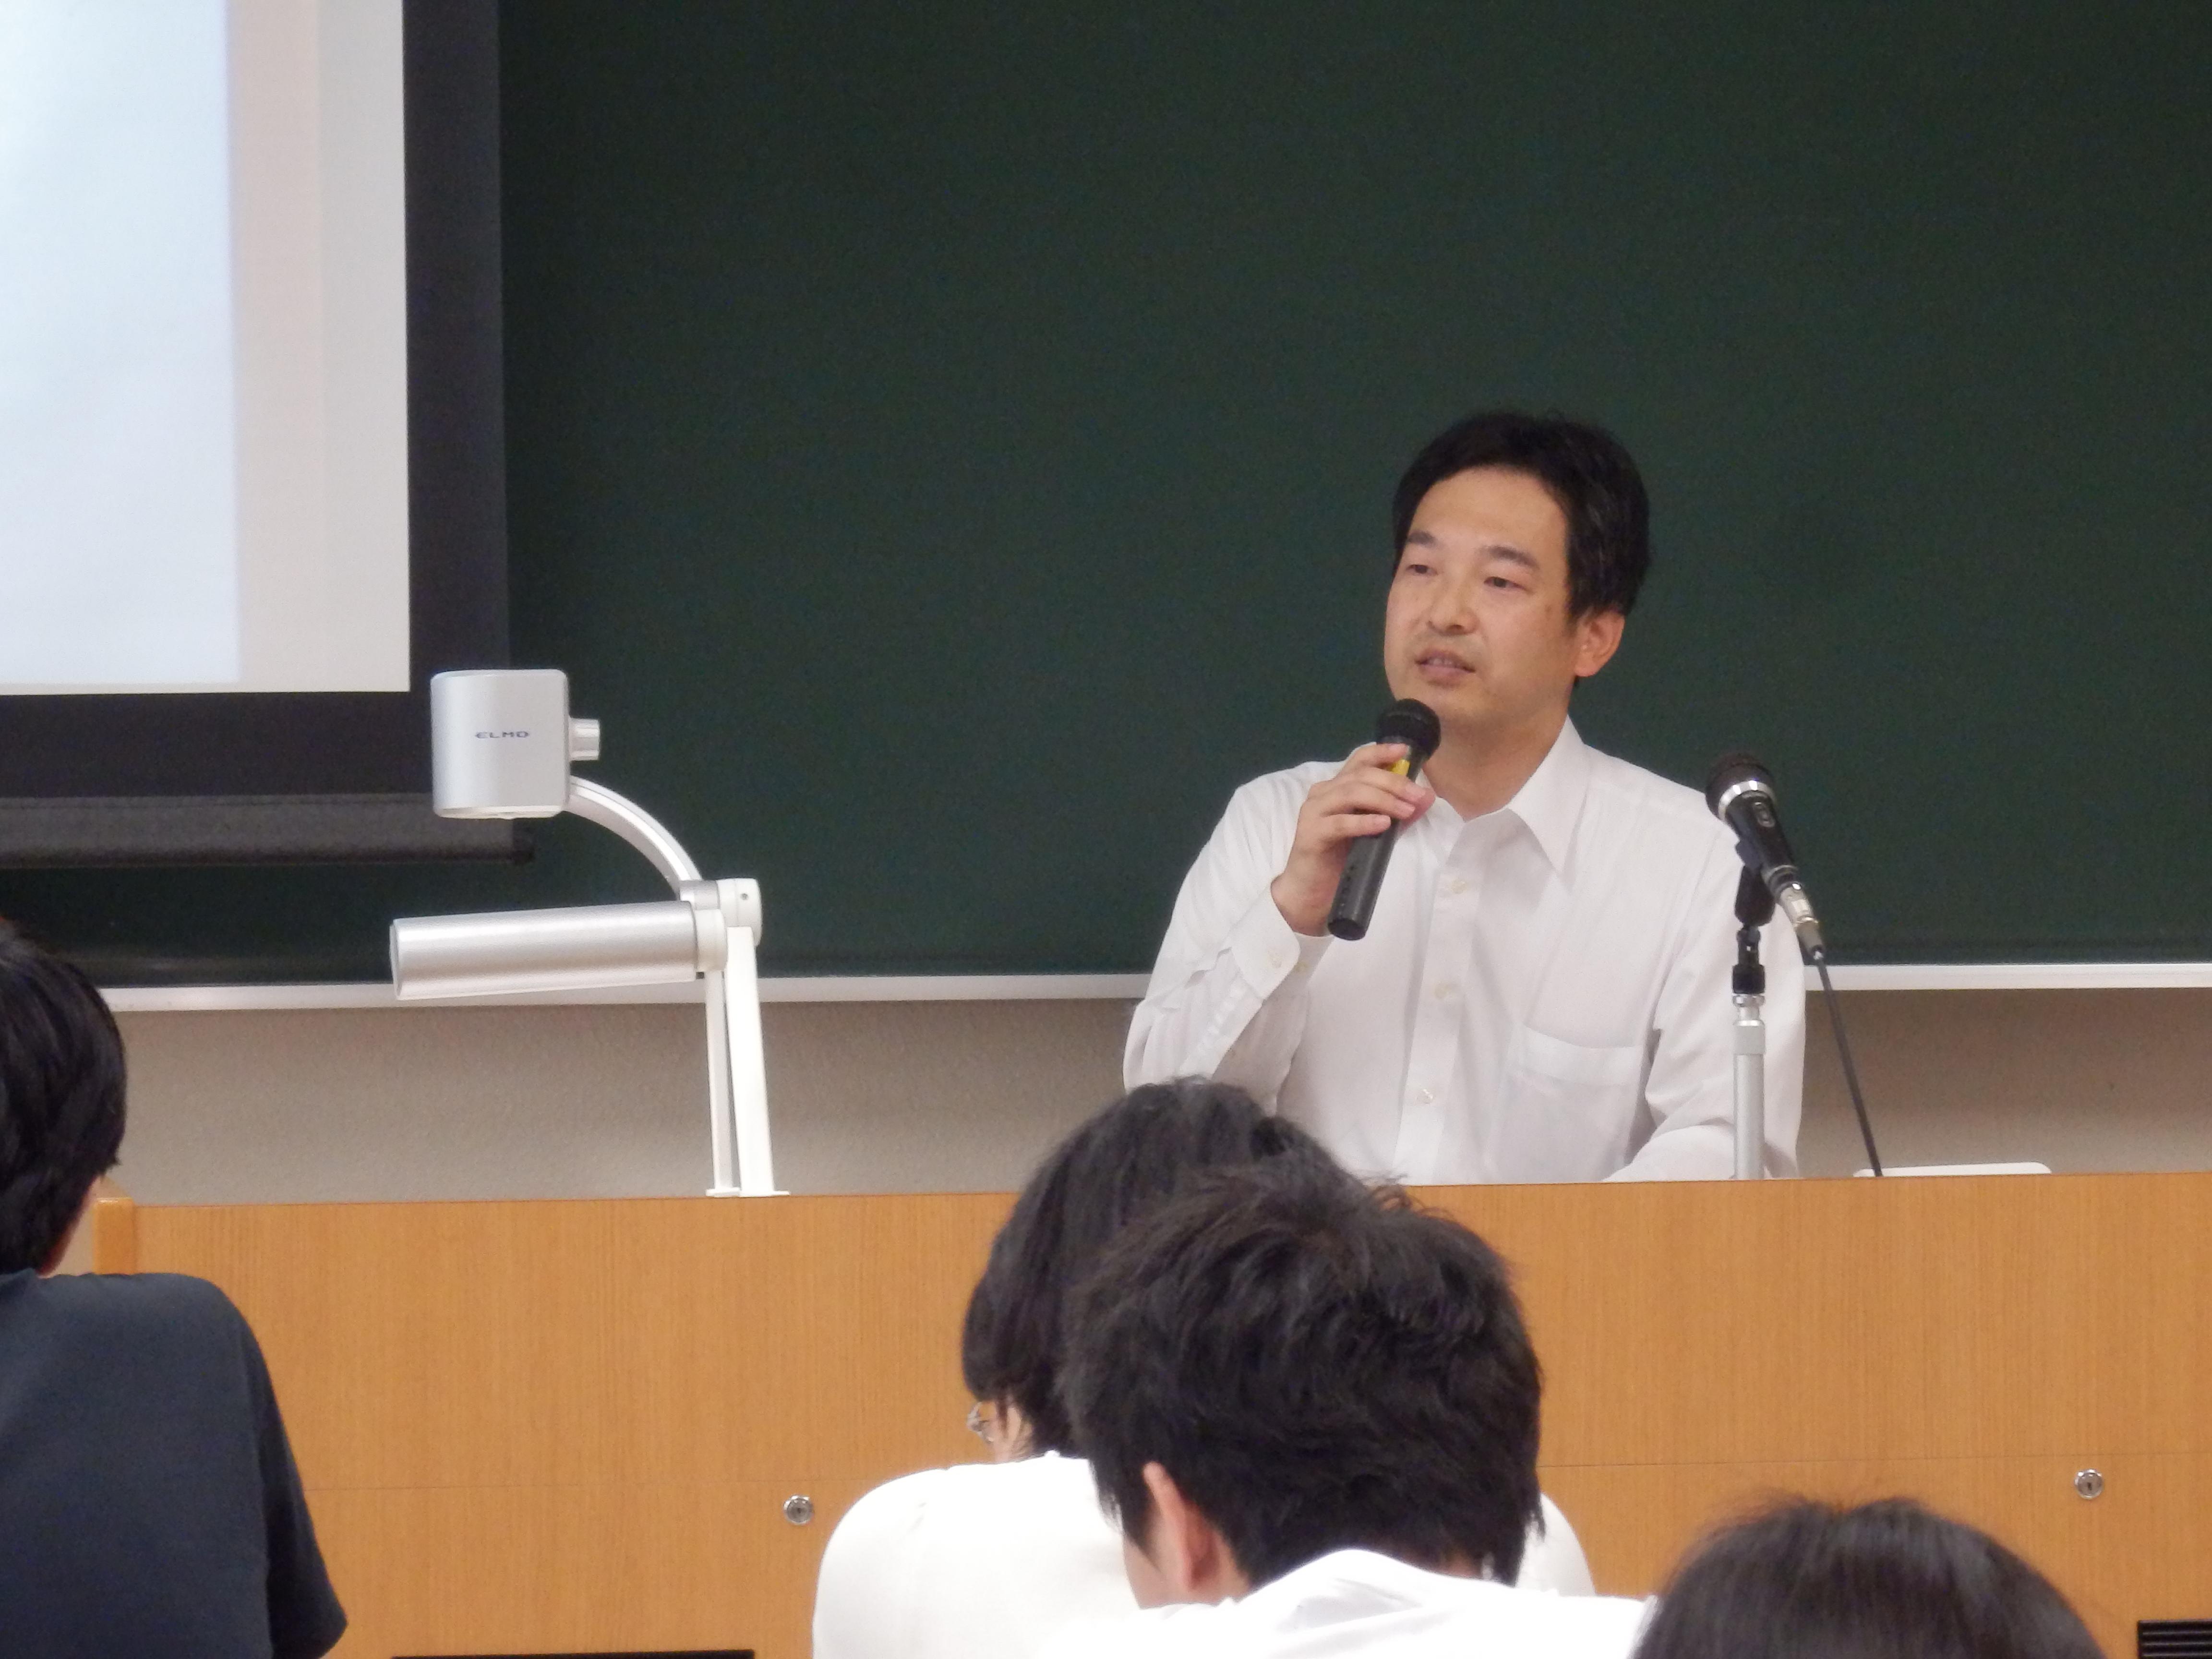 講師の松井晴彦氏